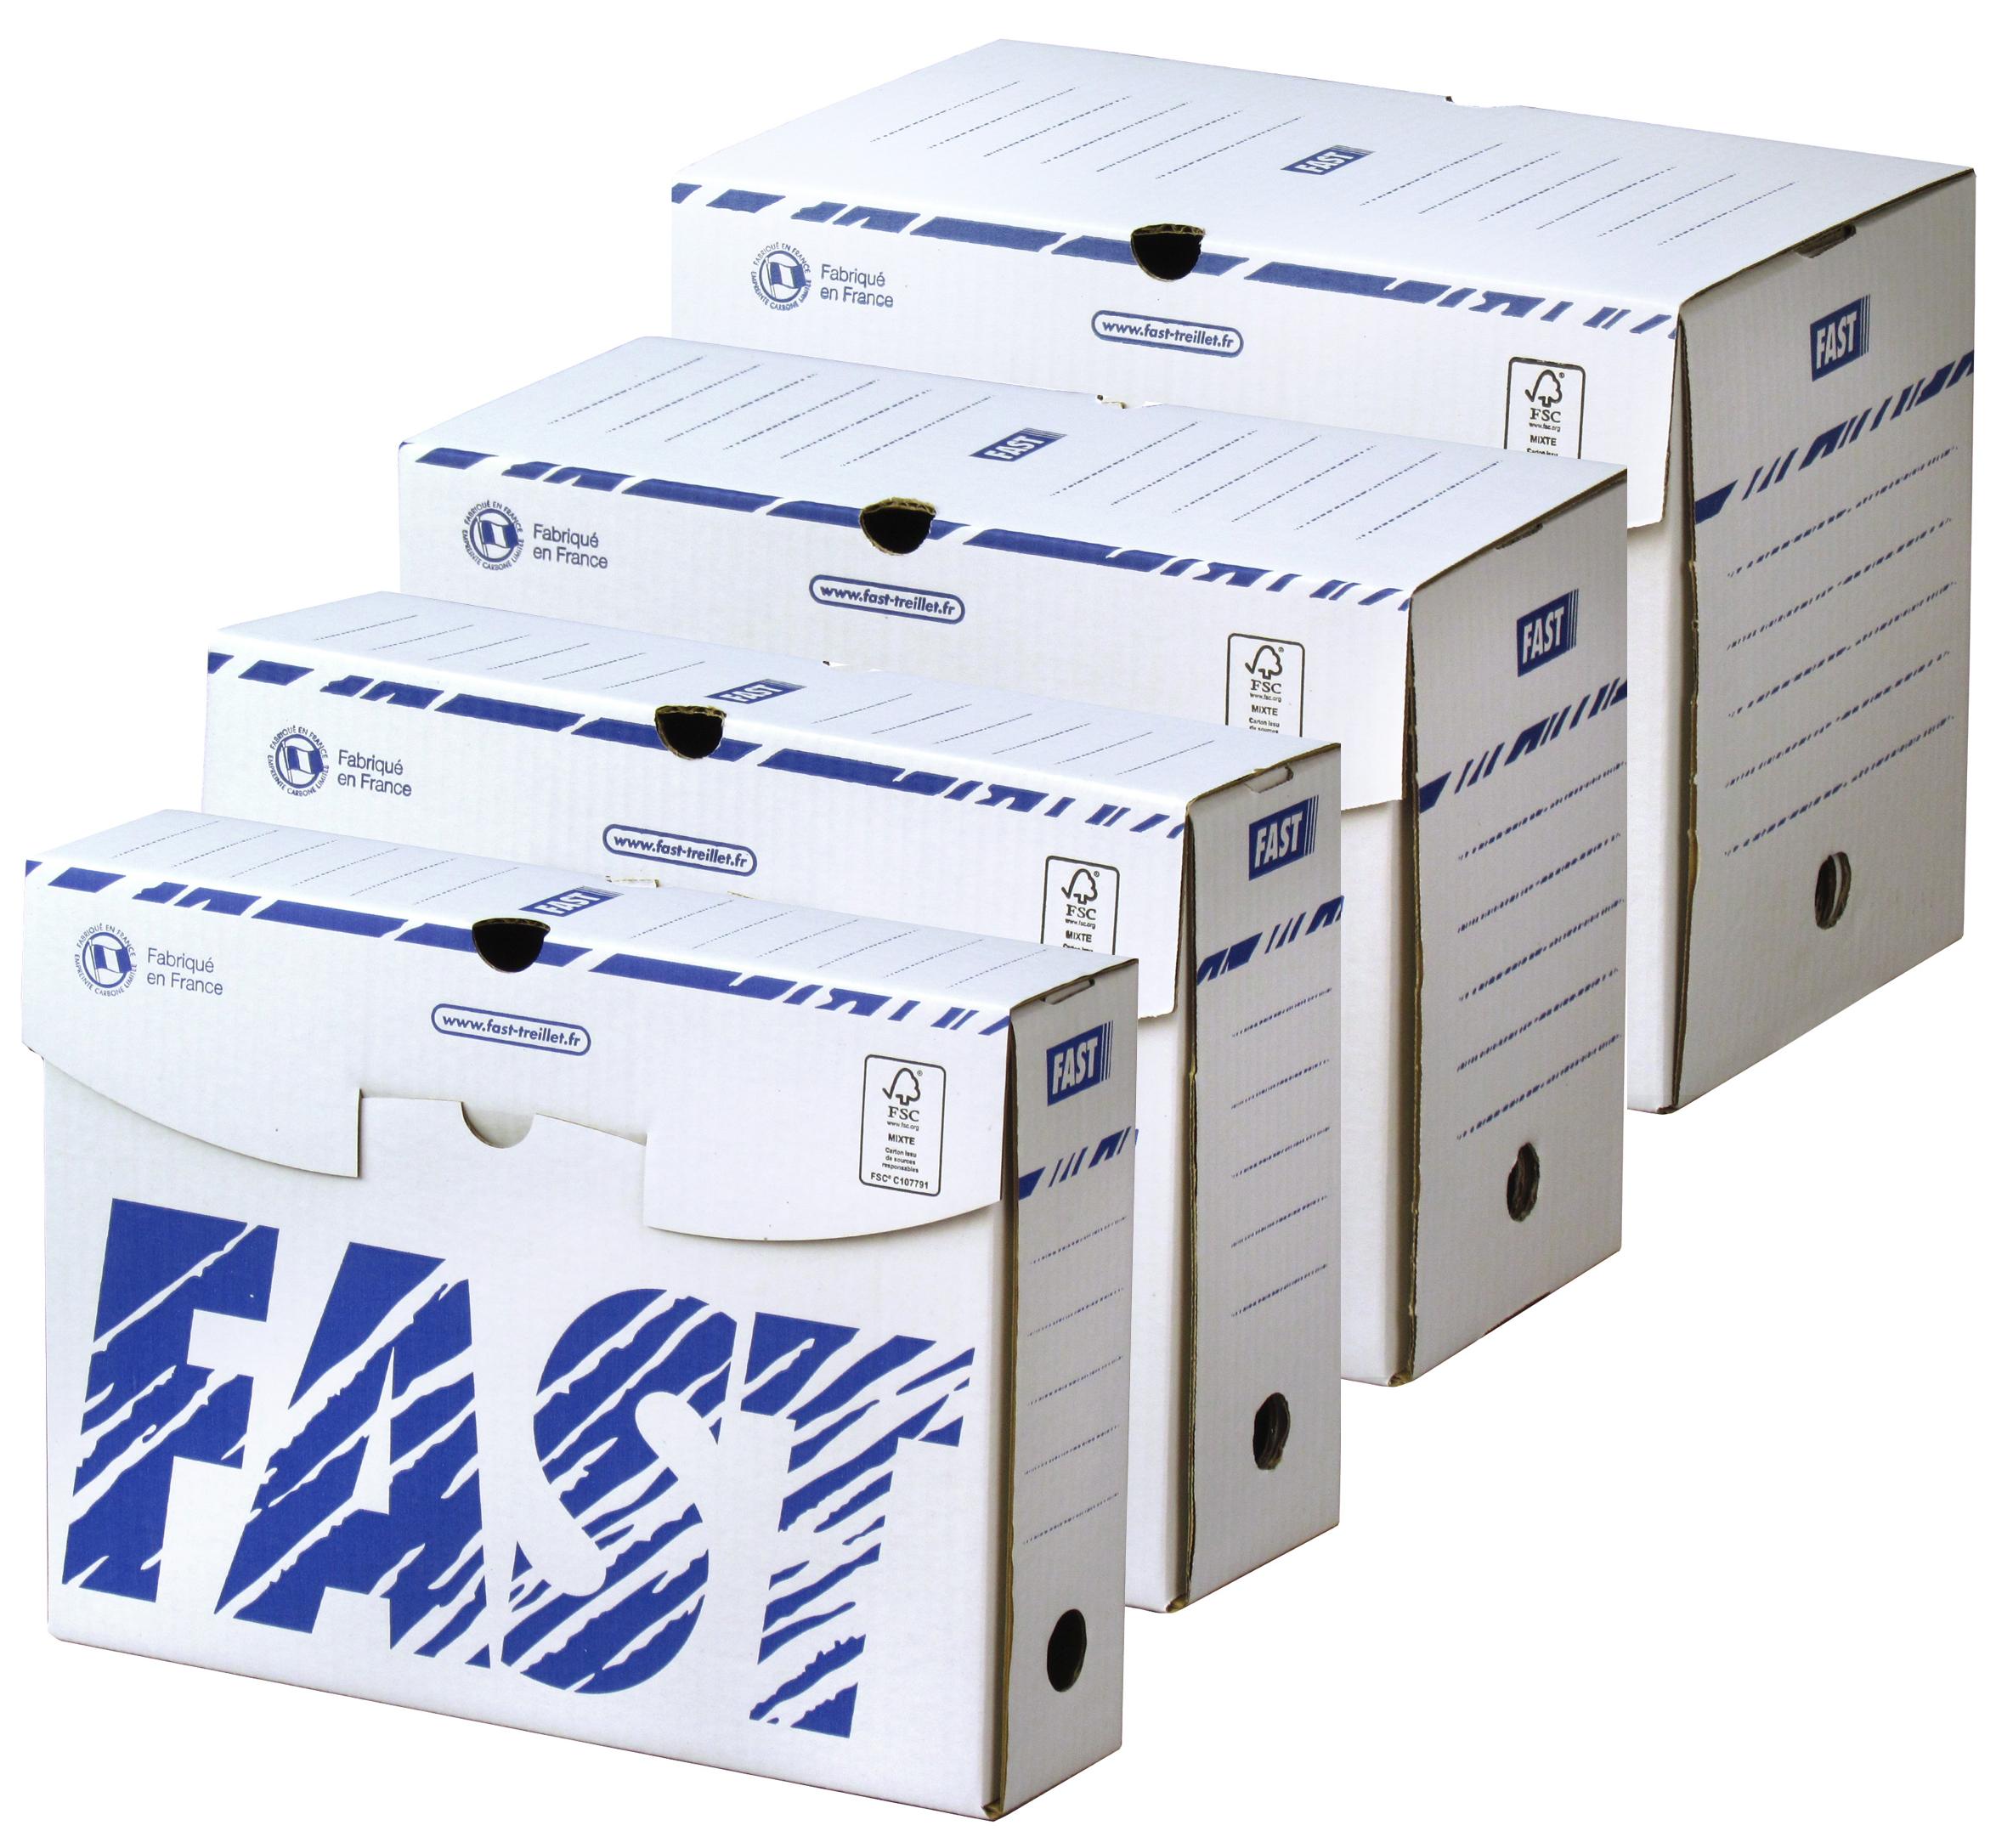 FAST Archiv-Schachtel, 250 x 330 mm, Rückenbrei...